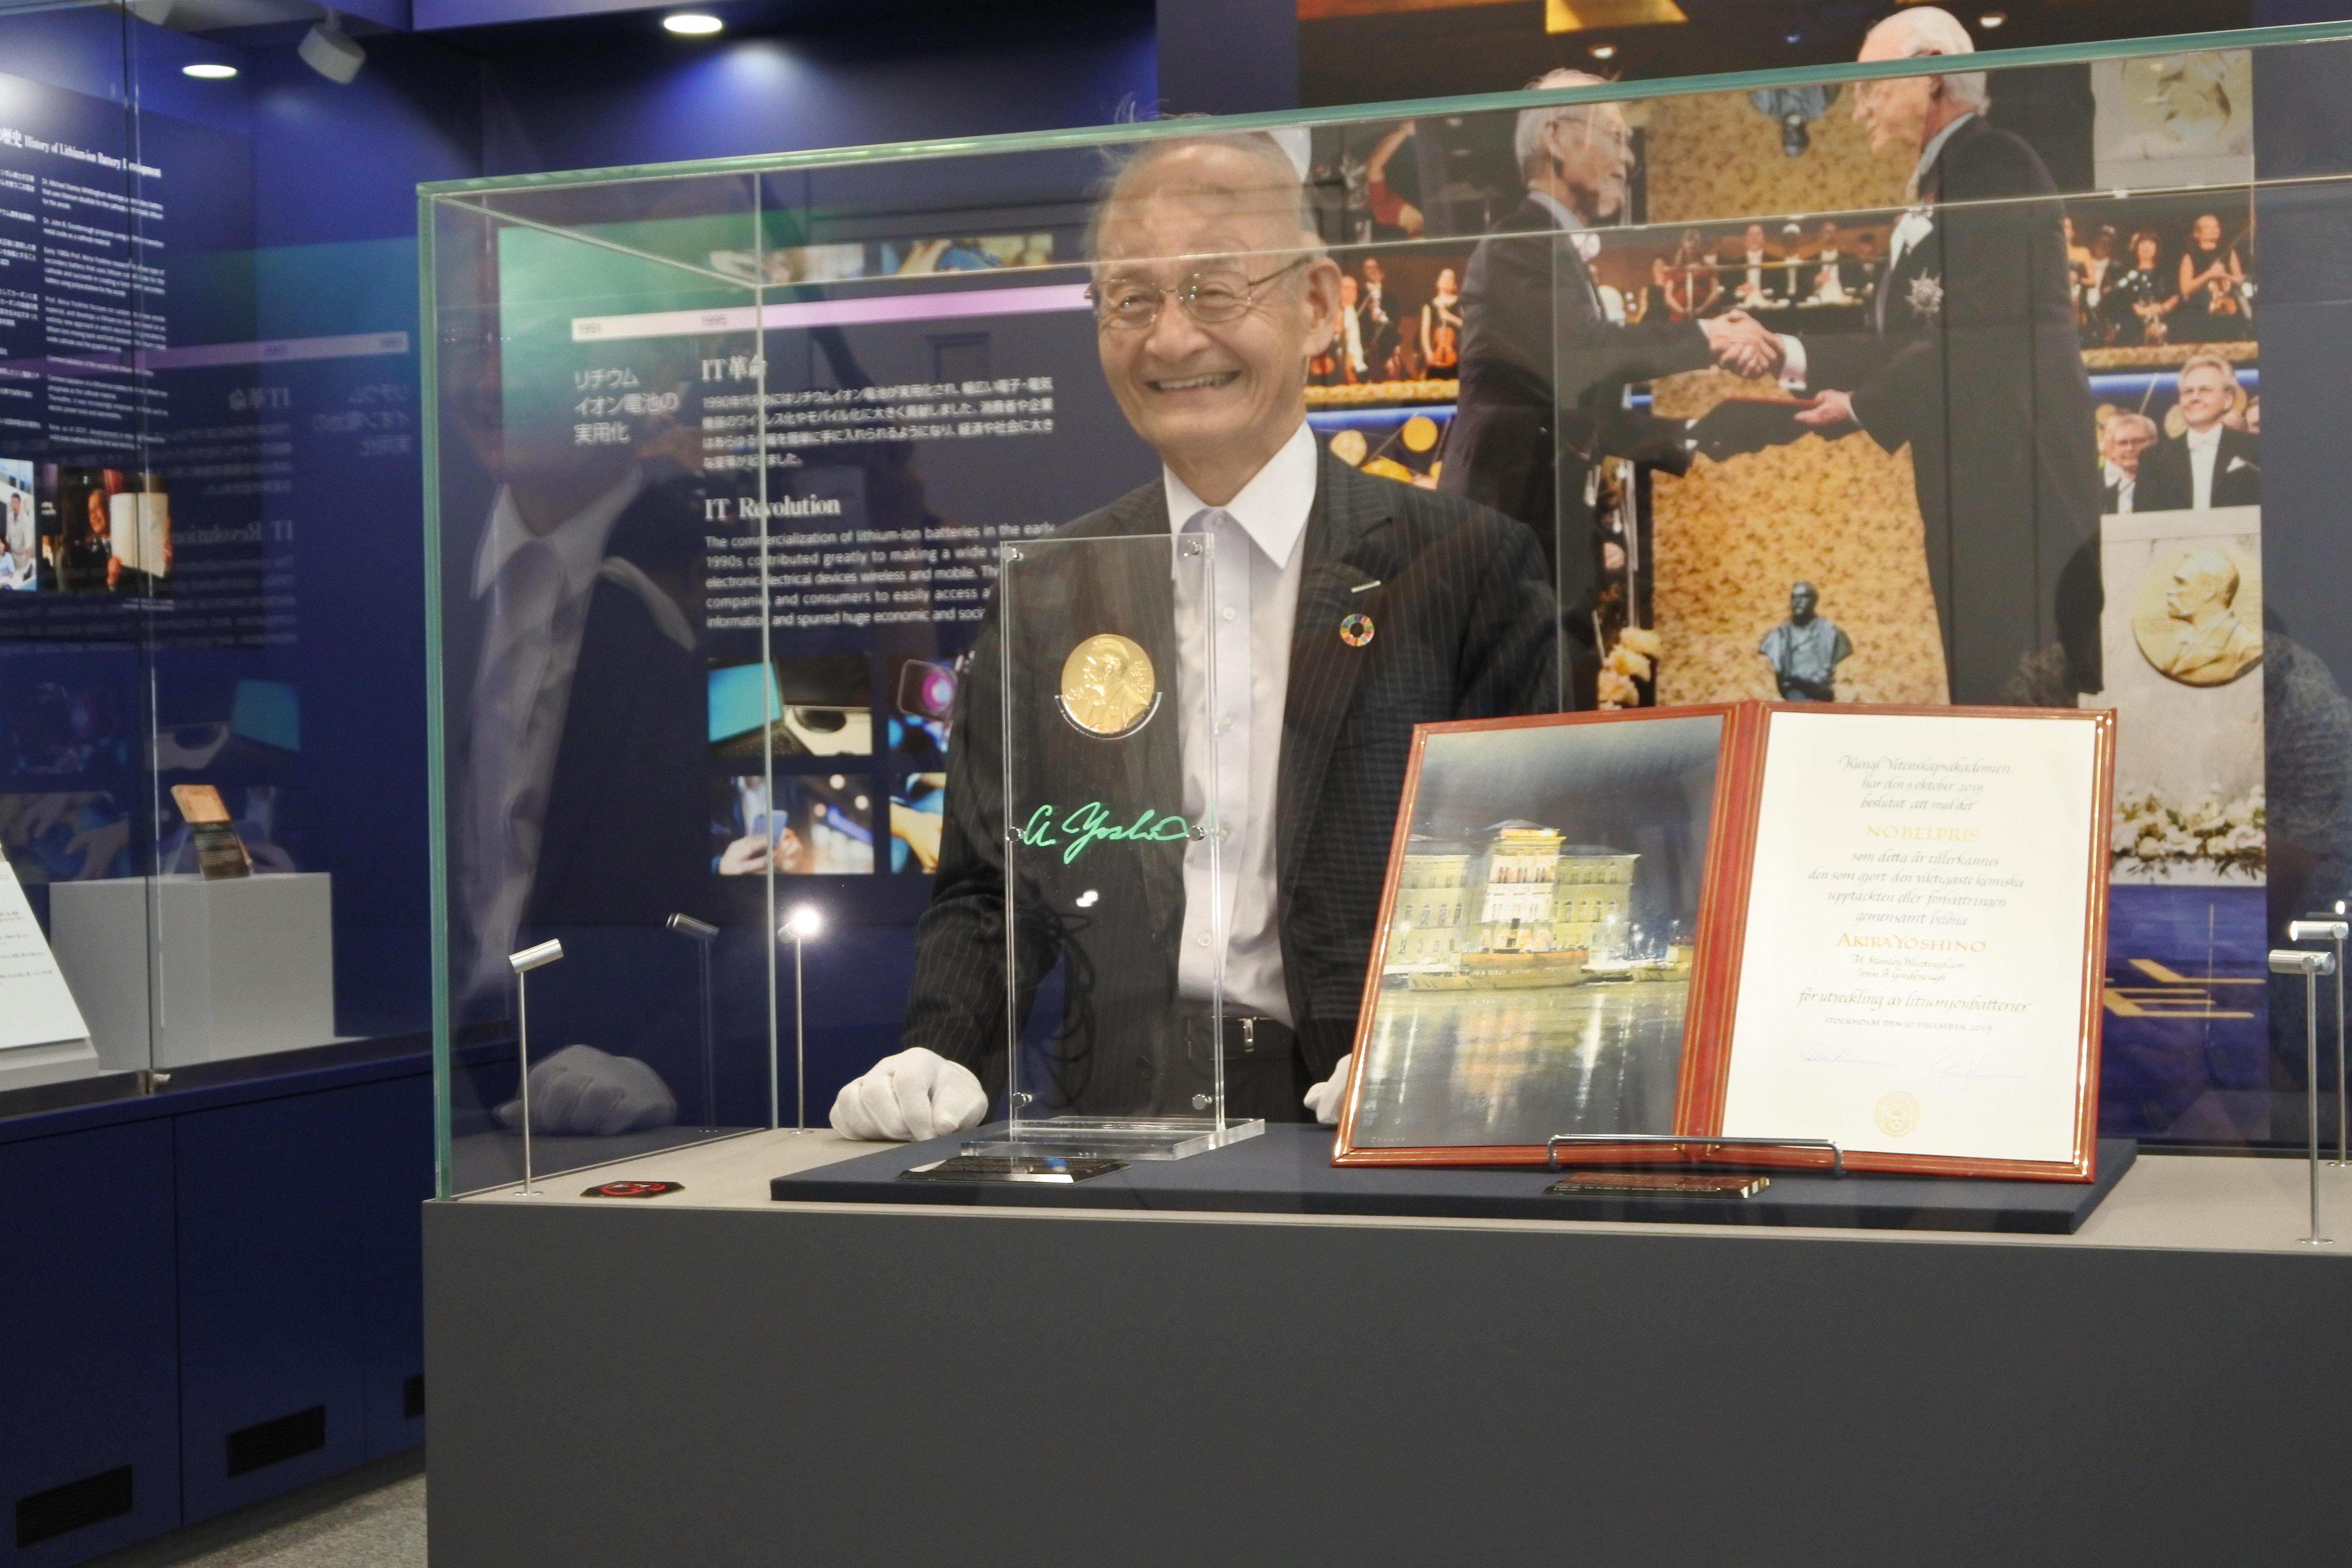 メダルのレプリカをガラスケースに納めた吉野彰終身教授・特別栄誉教授